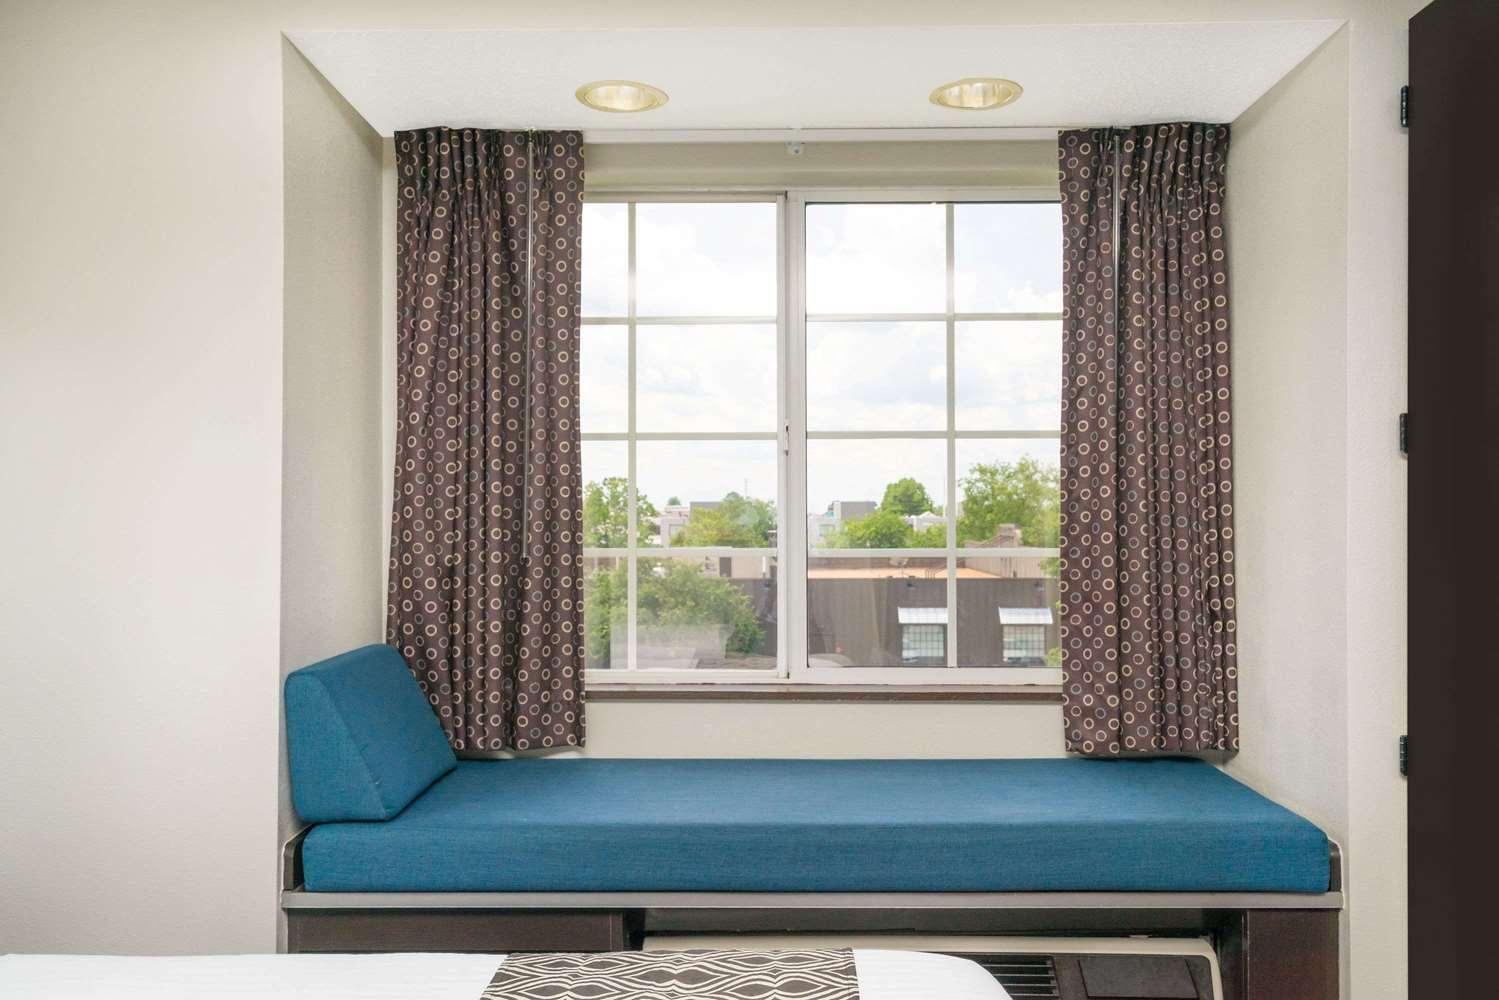 Amenities - Microtel Inn by Wyndham Bowling Green